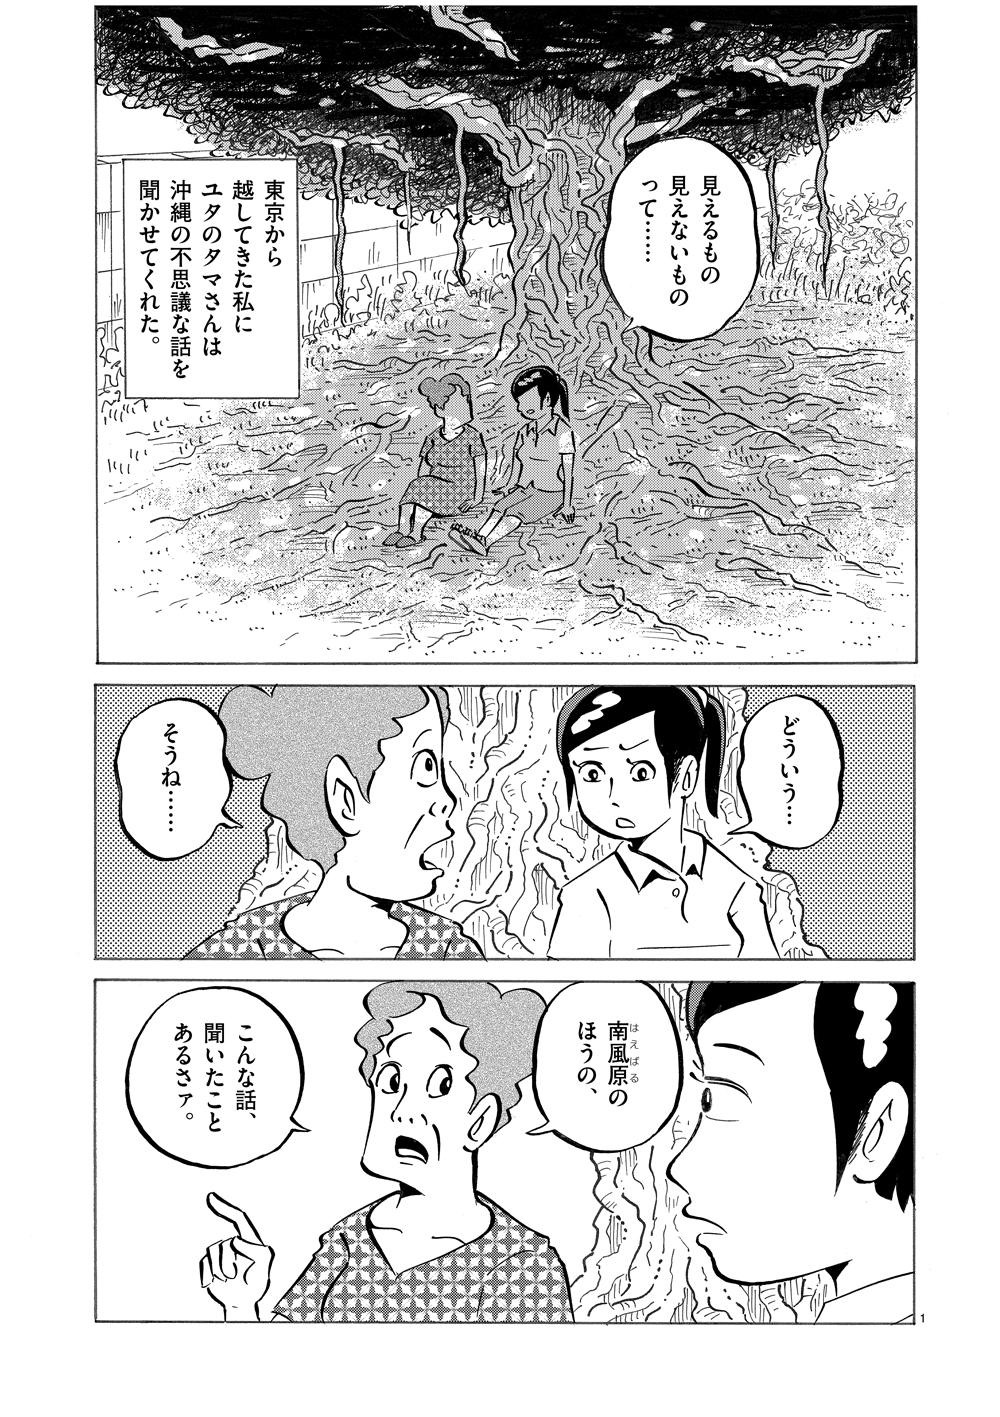 琉球怪談 【第2話】WEB掲載1ページ目画像